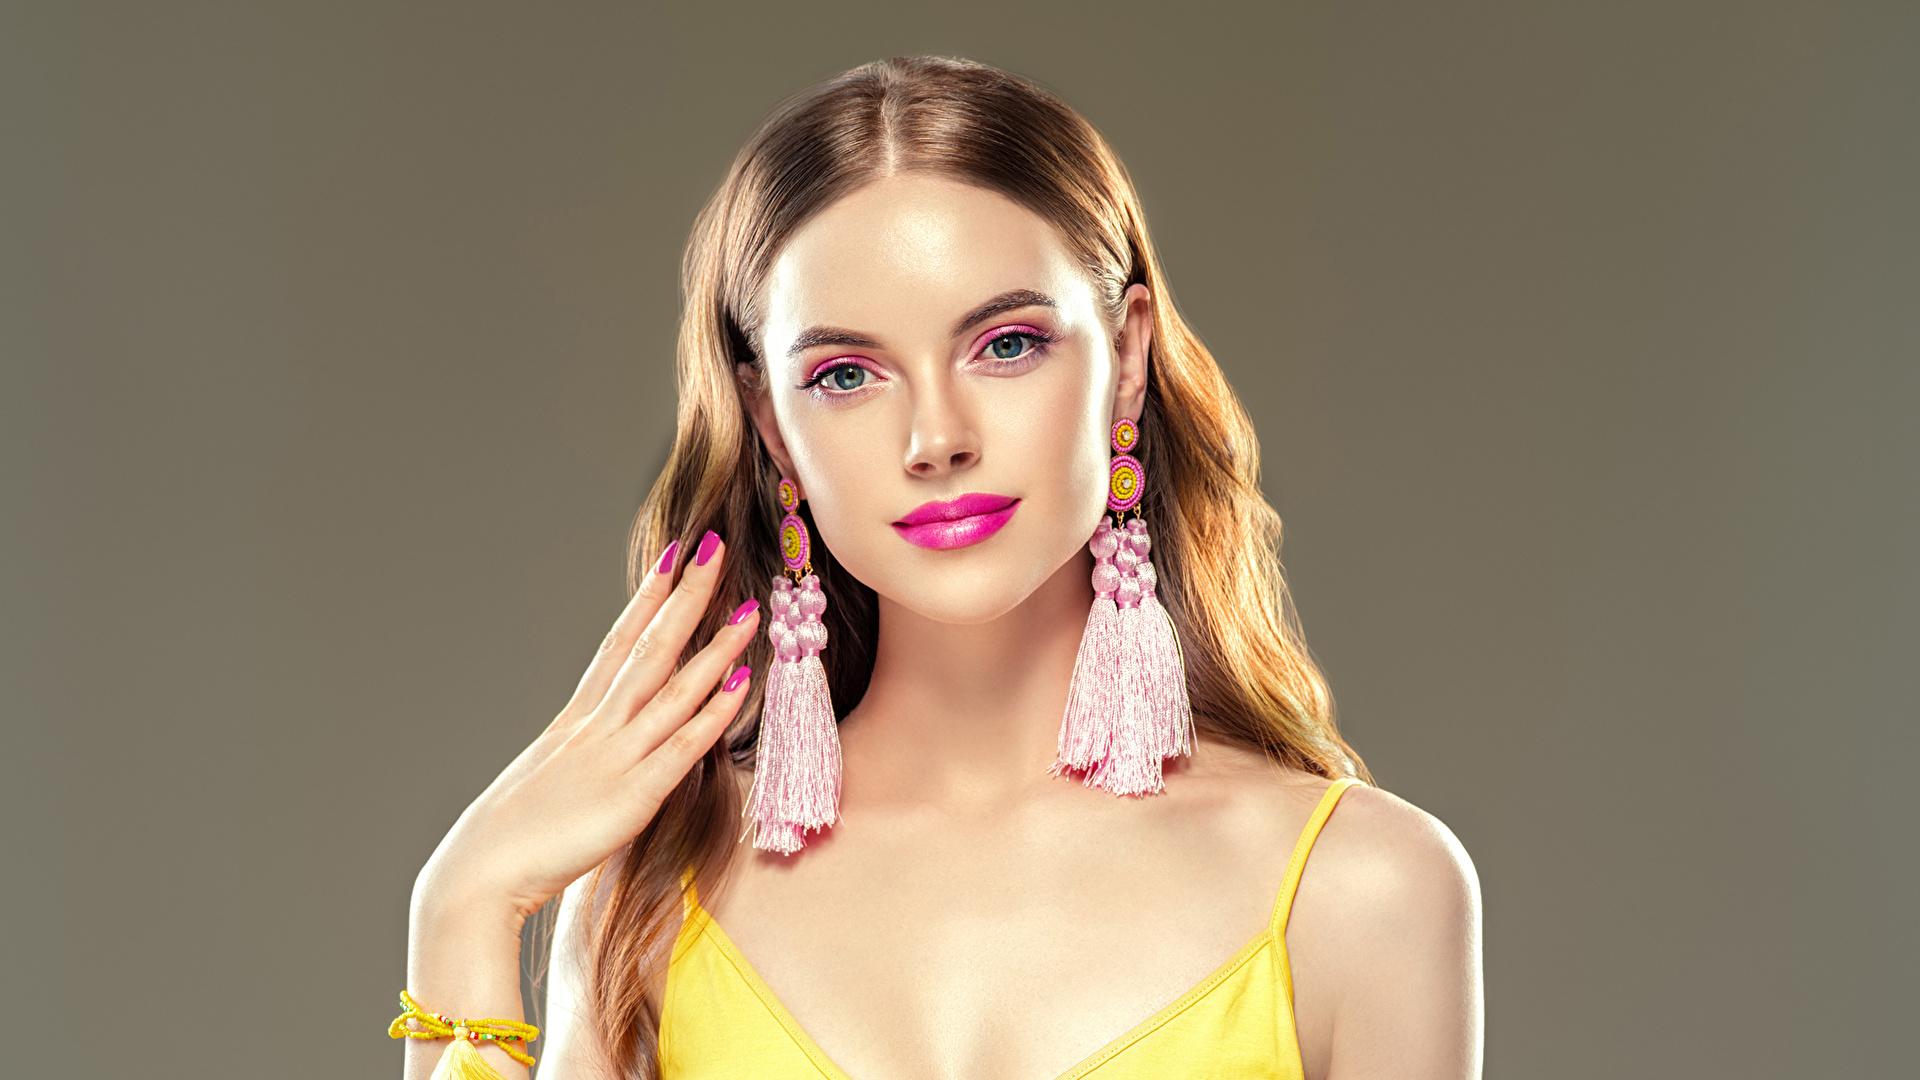 Desktop Hintergrundbilder Braunhaarige Maniküre Make Up junge Frauen Hand Ohrring Grauer Hintergrund 1920x1080 Braune Haare Schminke Mädchens junge frau